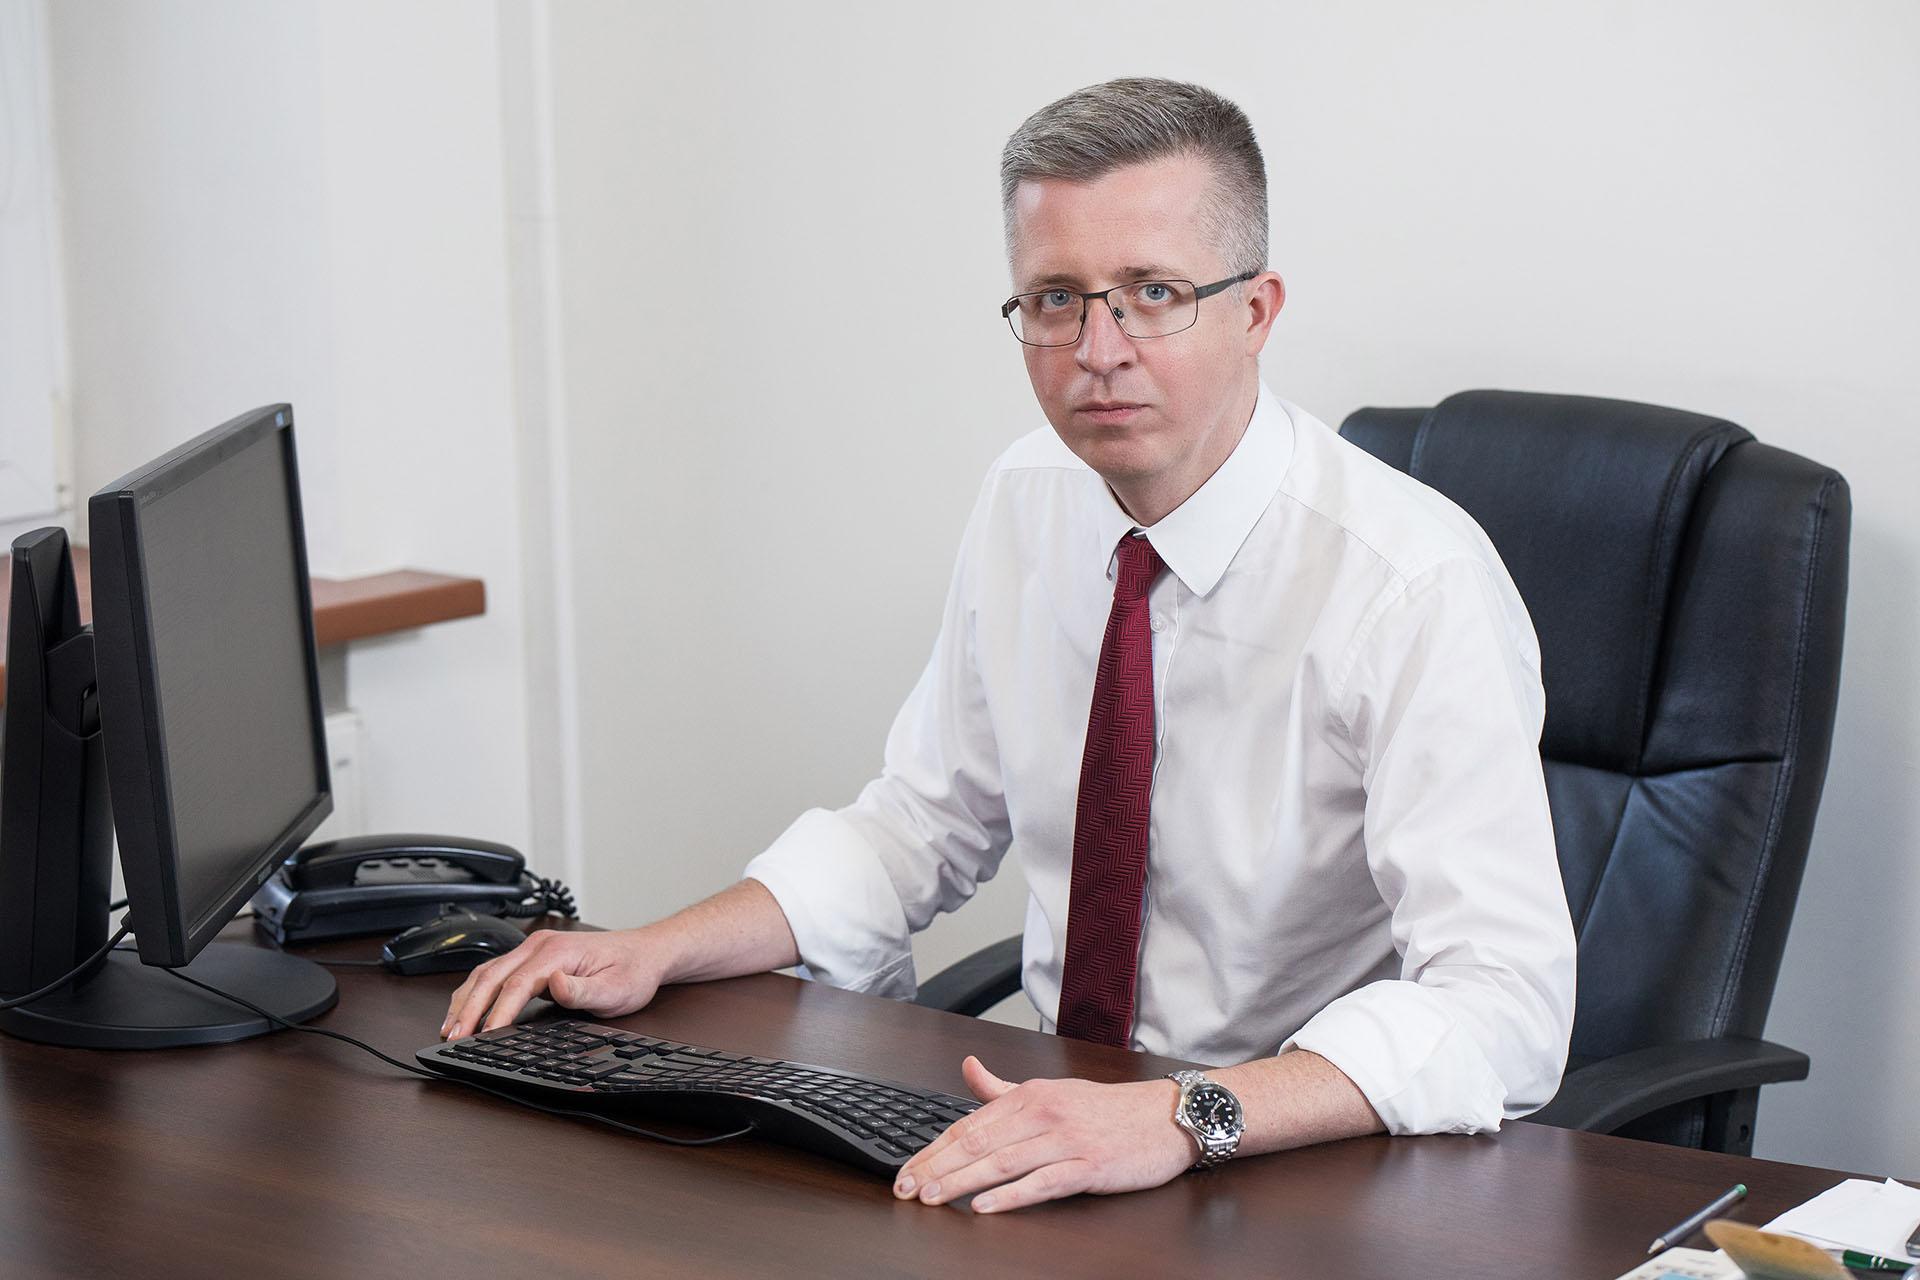 PGS proponuje zmiany w Tarczy Antykryzysowej